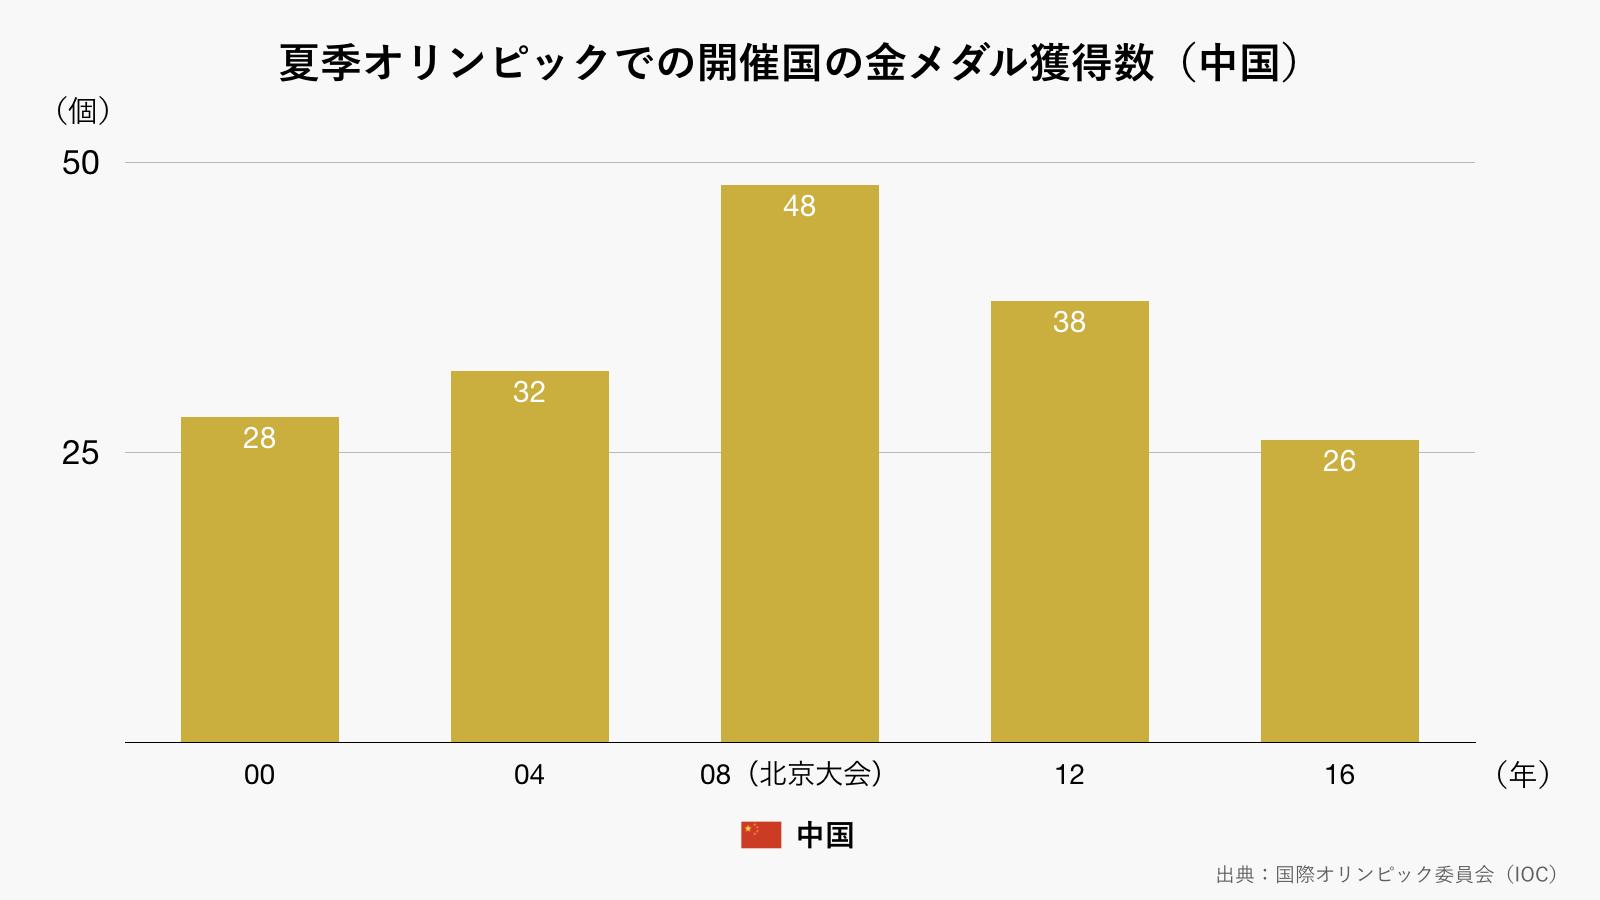 夏季オリンピックでの開催国の金メダル獲得数/中国(グレー)